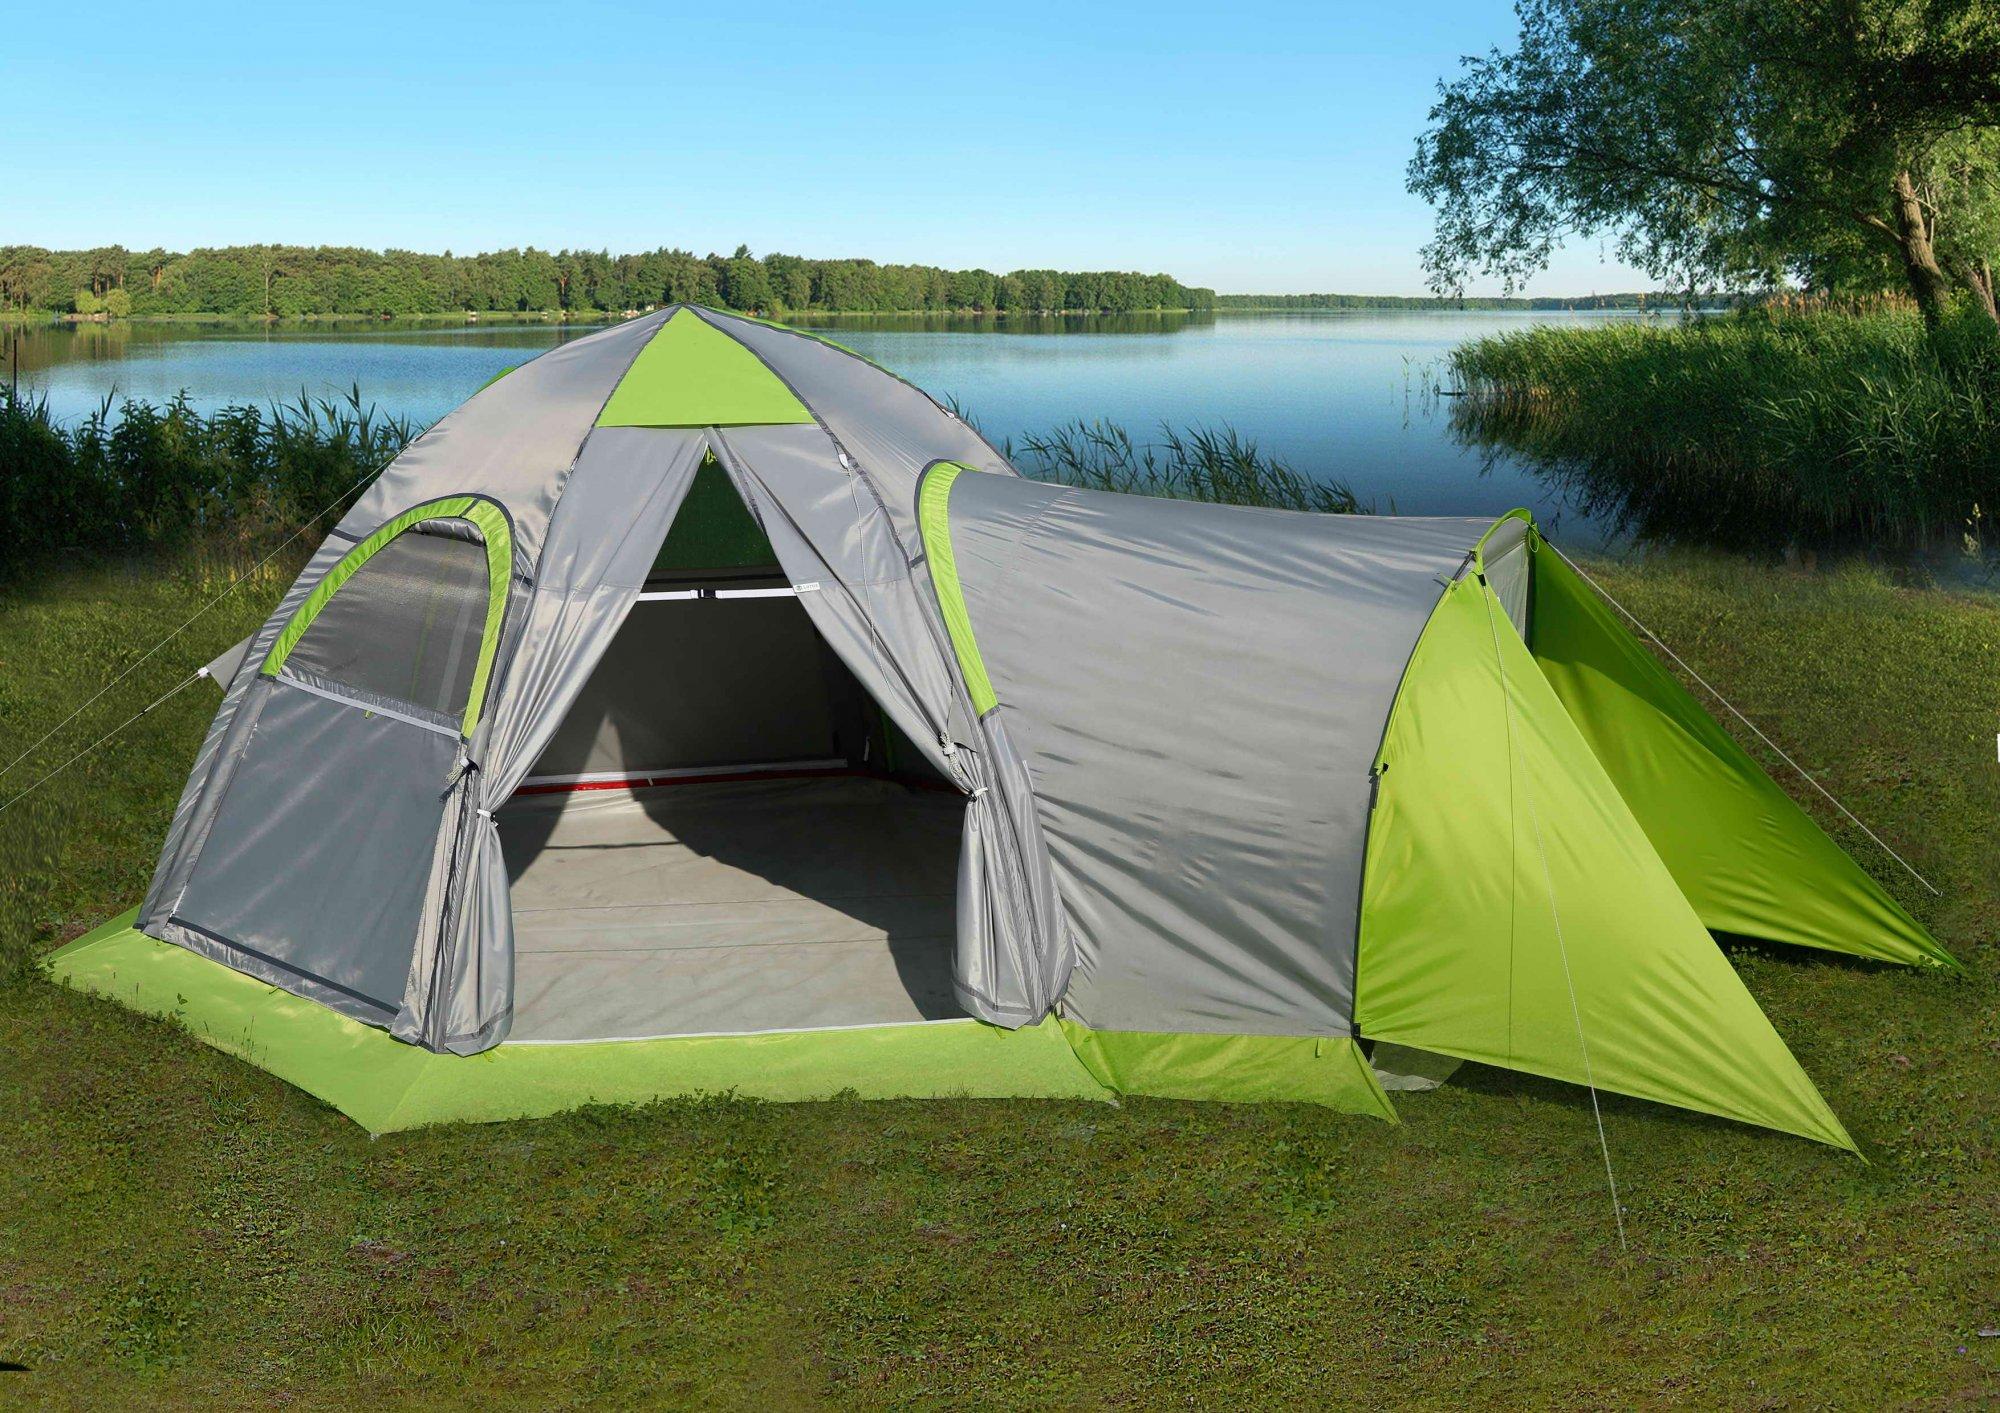 Тамбур для универсальной туристической палатки ЛОТОС 5 Универсал Спорт